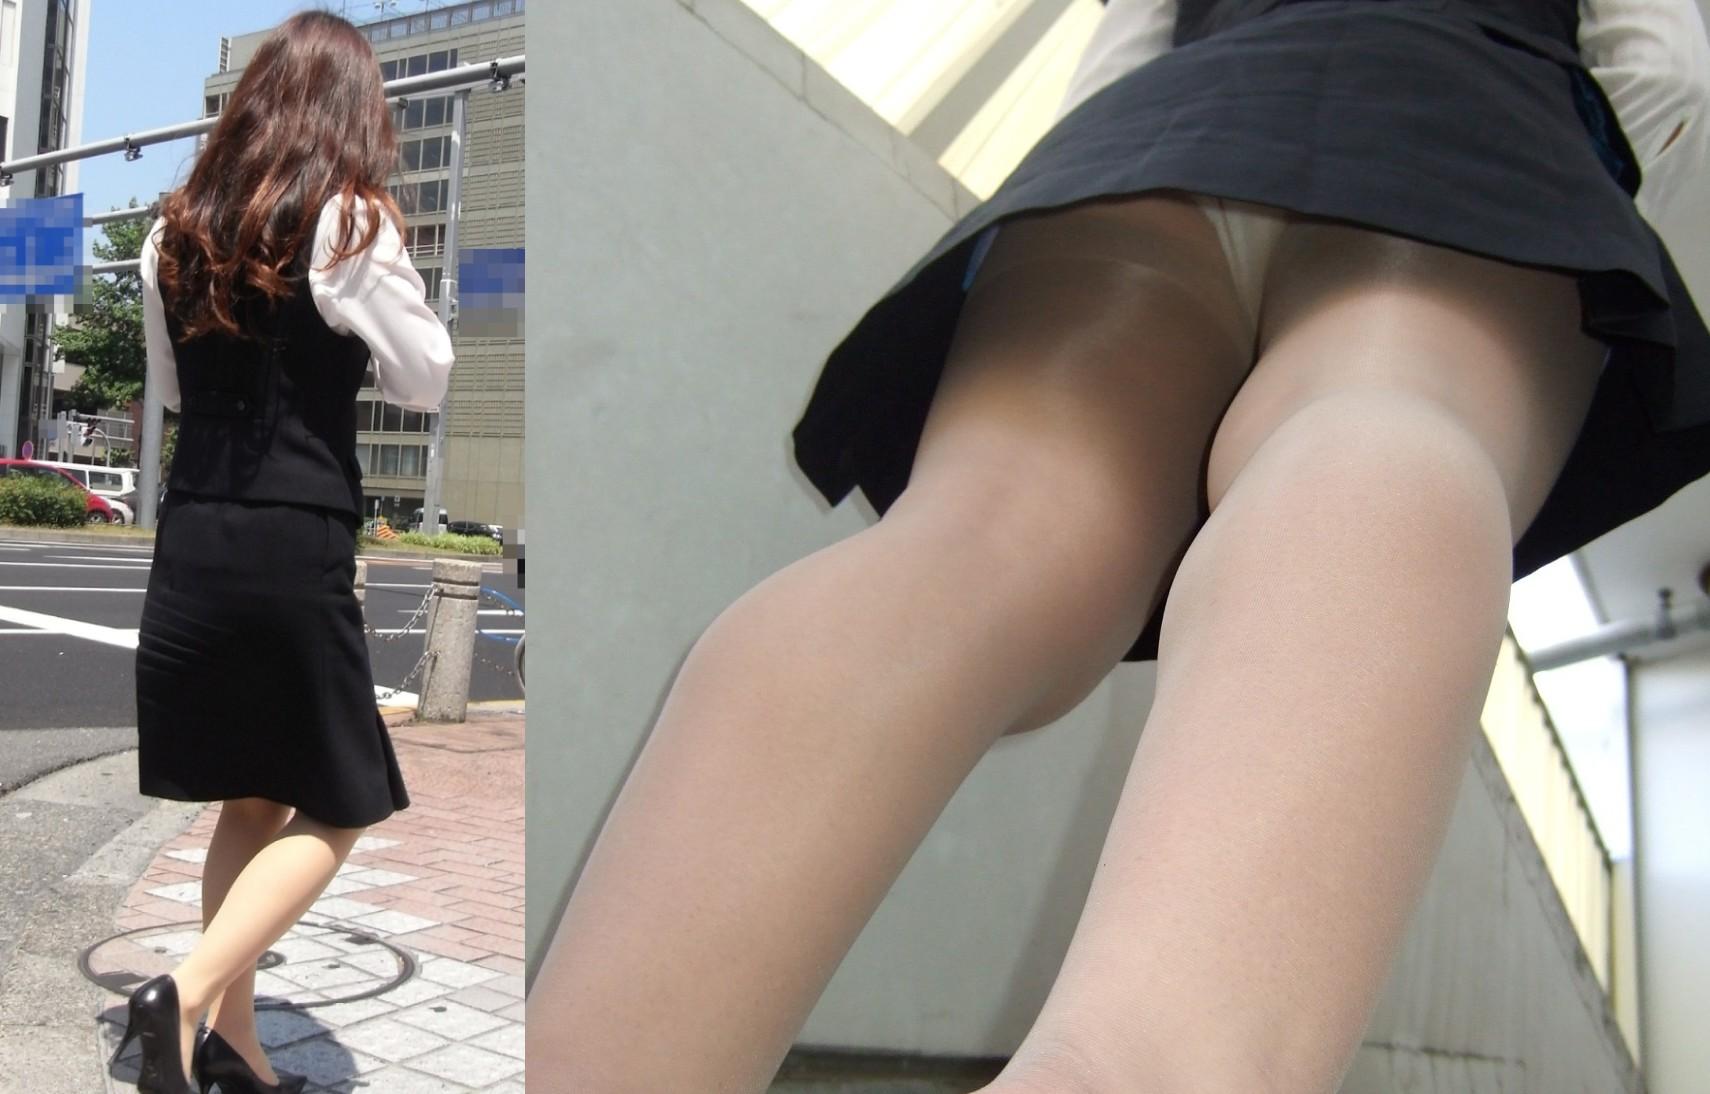 素人バスガイドの黒パンスト姿が淫らな盗撮エロ画像11枚目